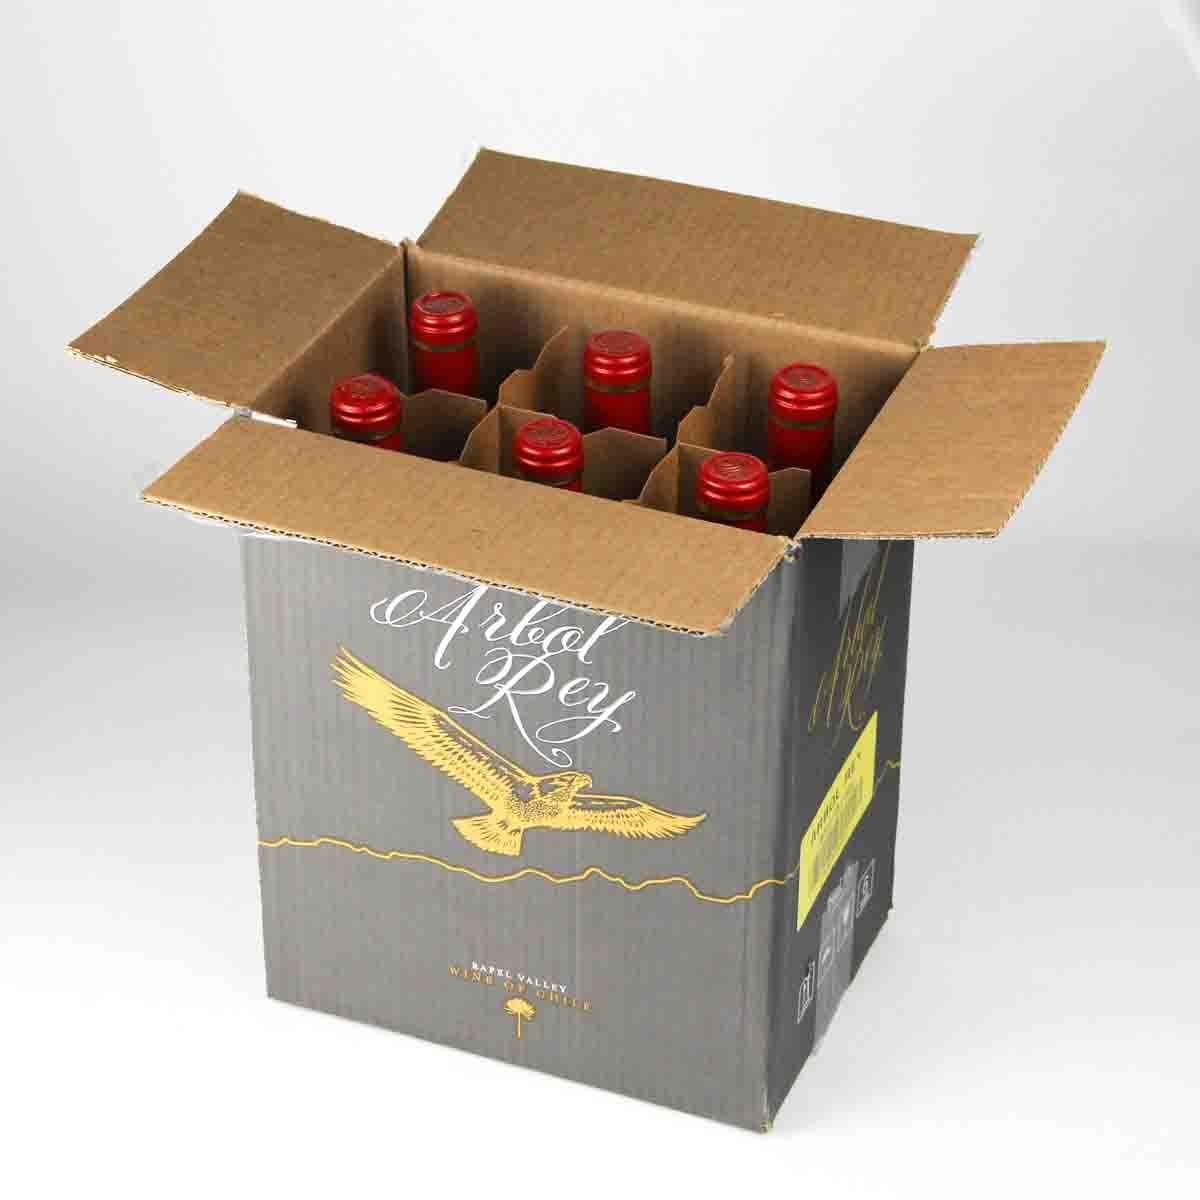 智利拉佩尔谷森林之王经典美乐干红葡萄酒